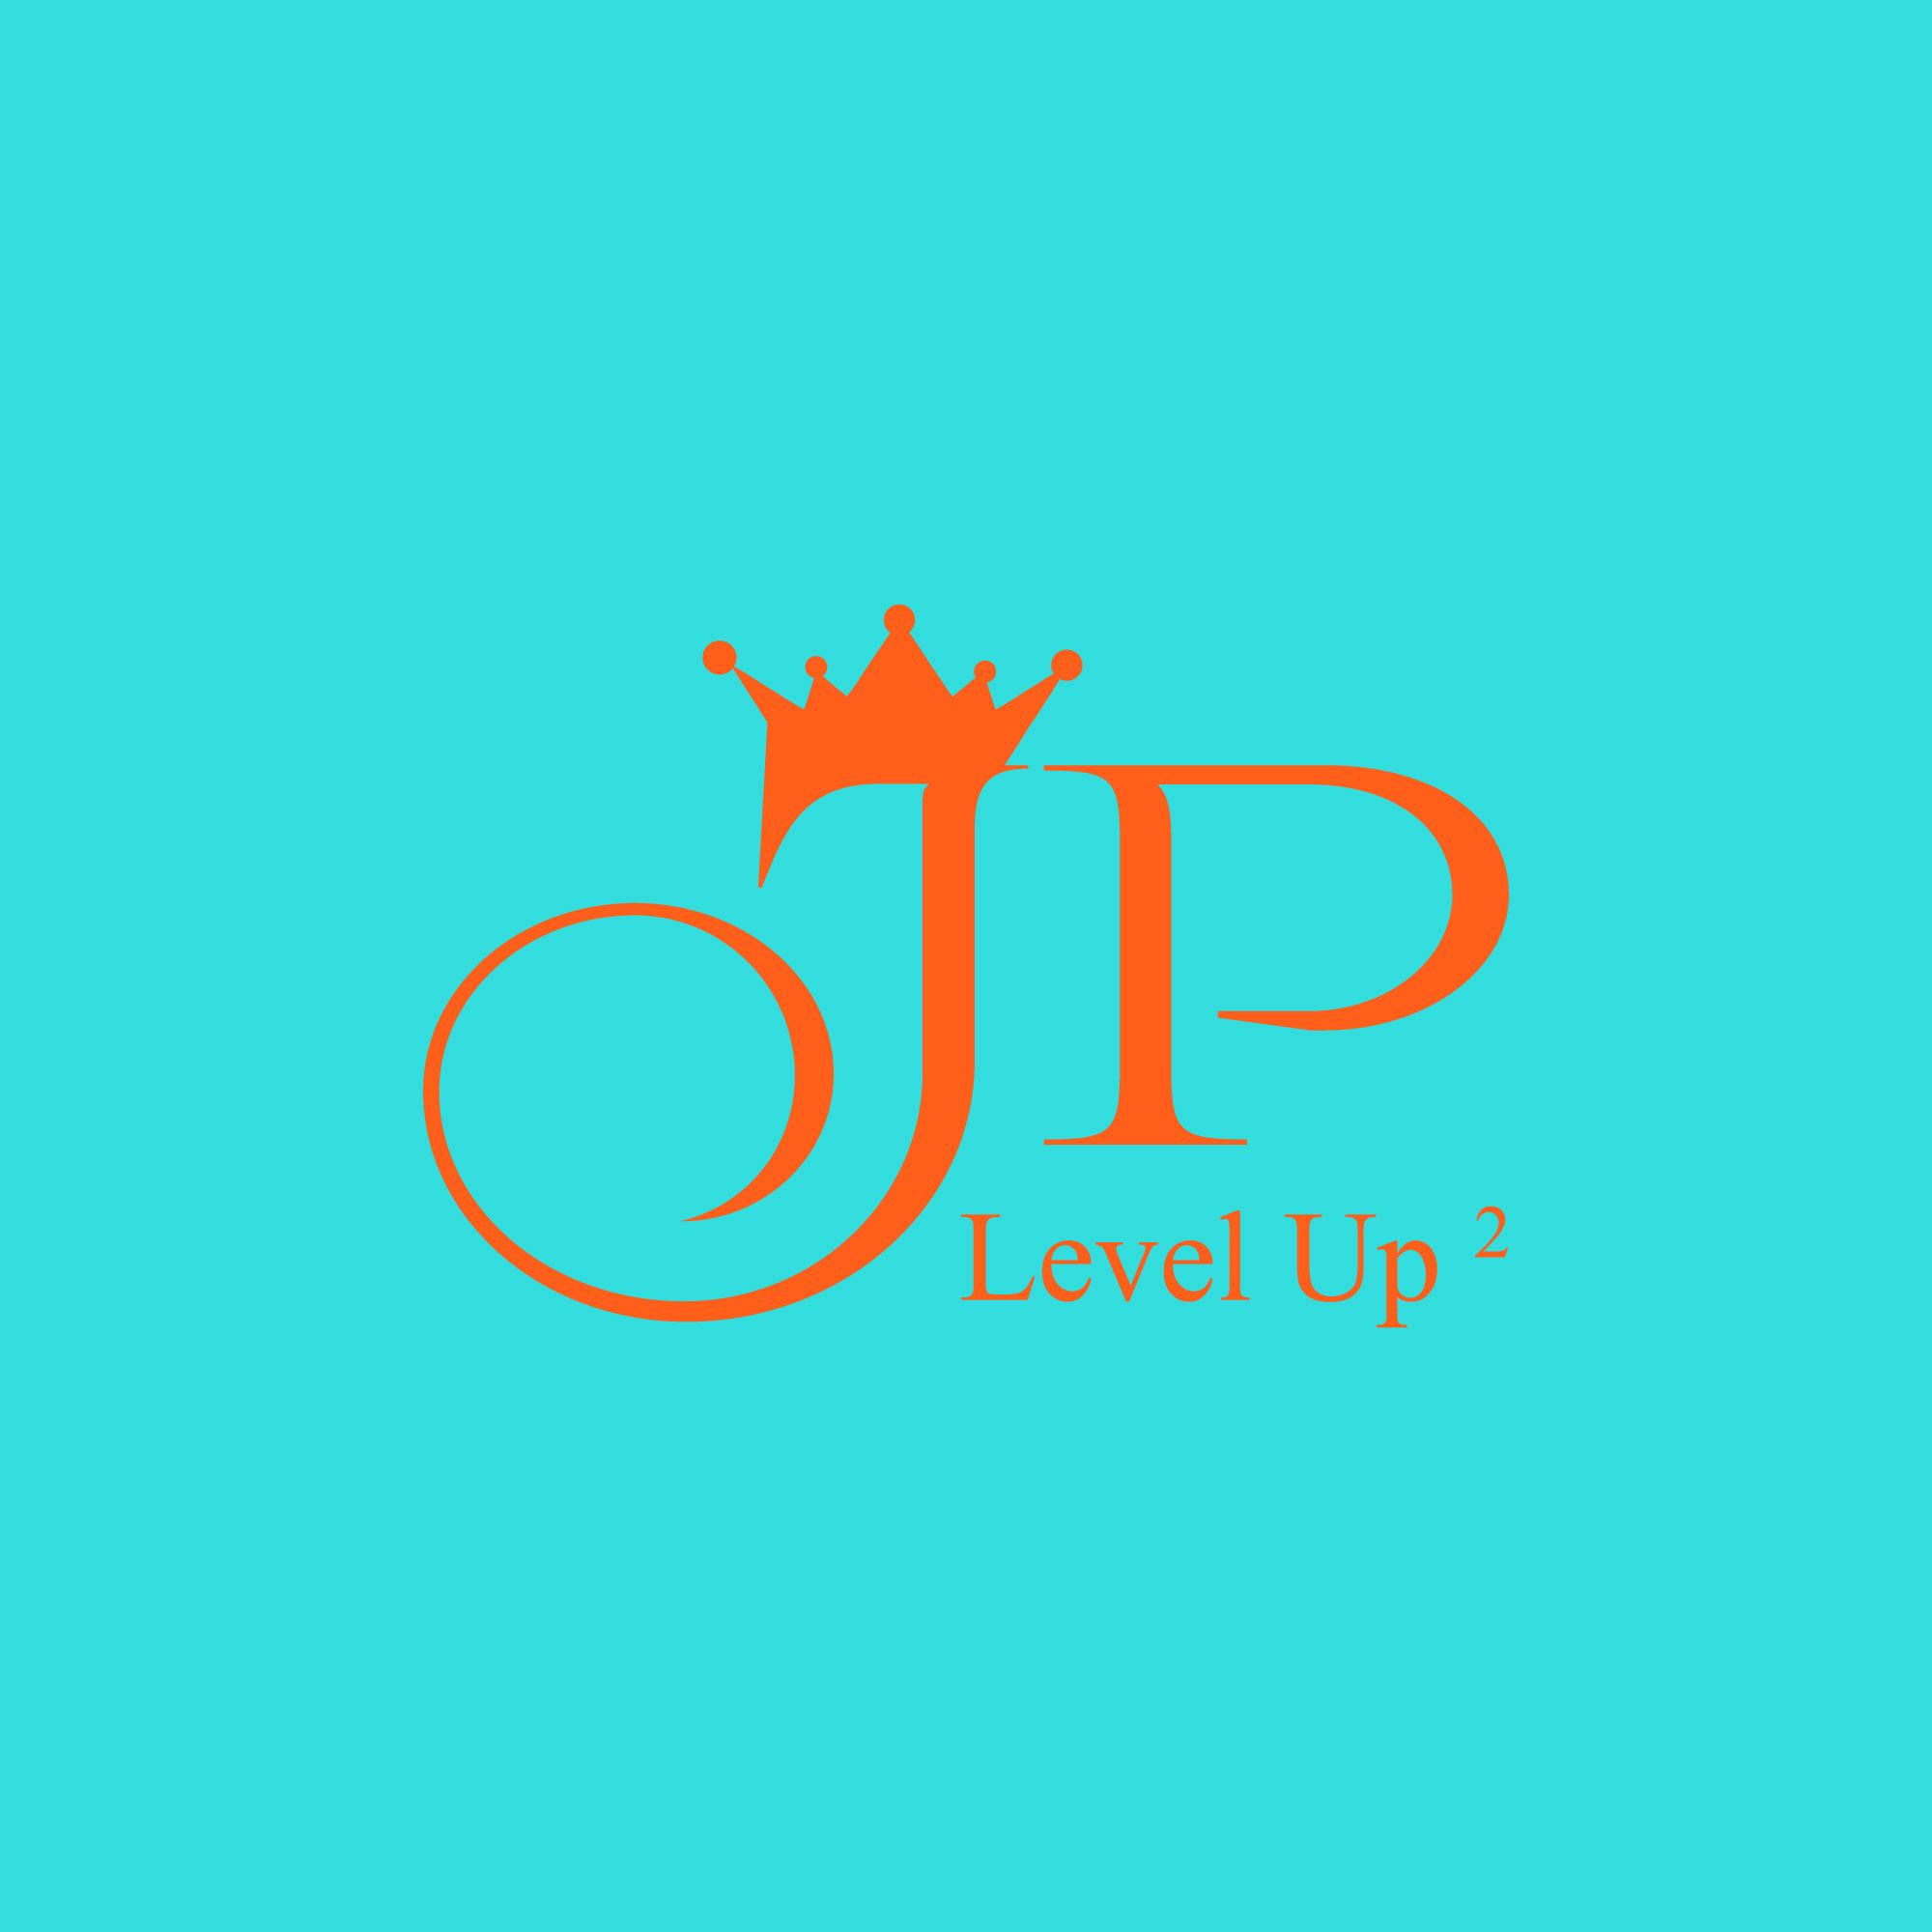 JP-Level-Up-2-LOGO-A1.jpg